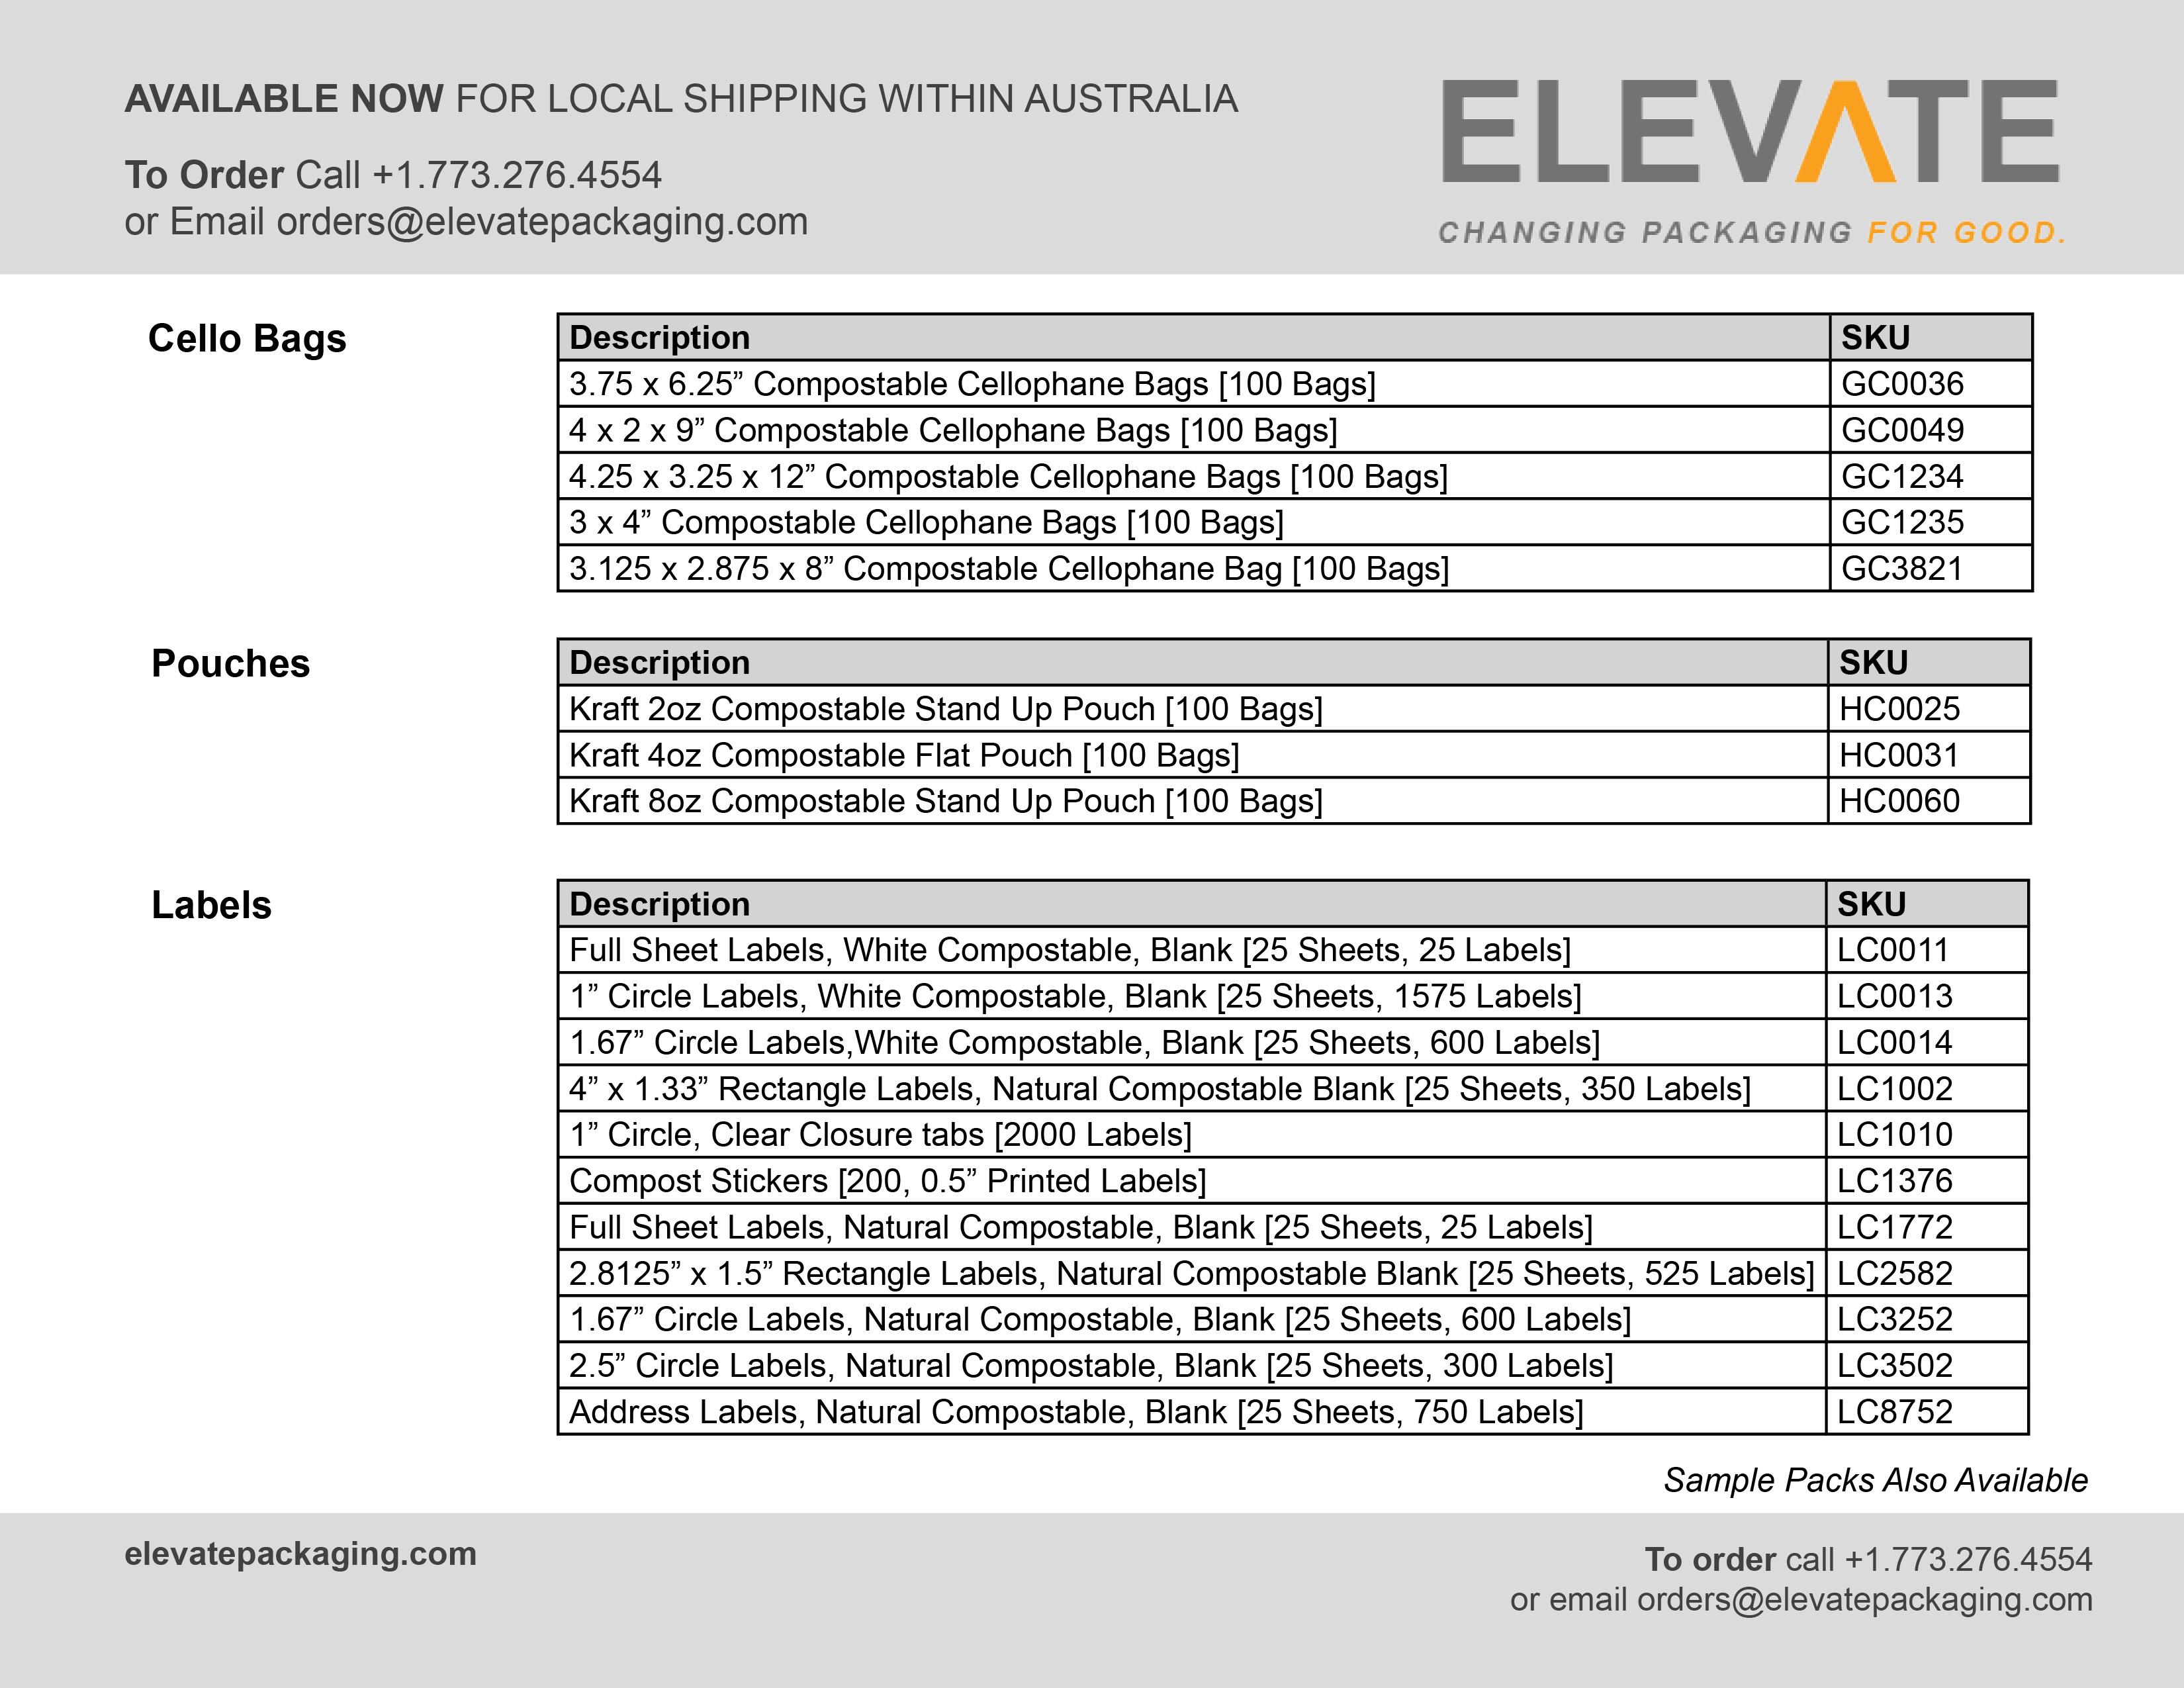 australia-stock.jpg